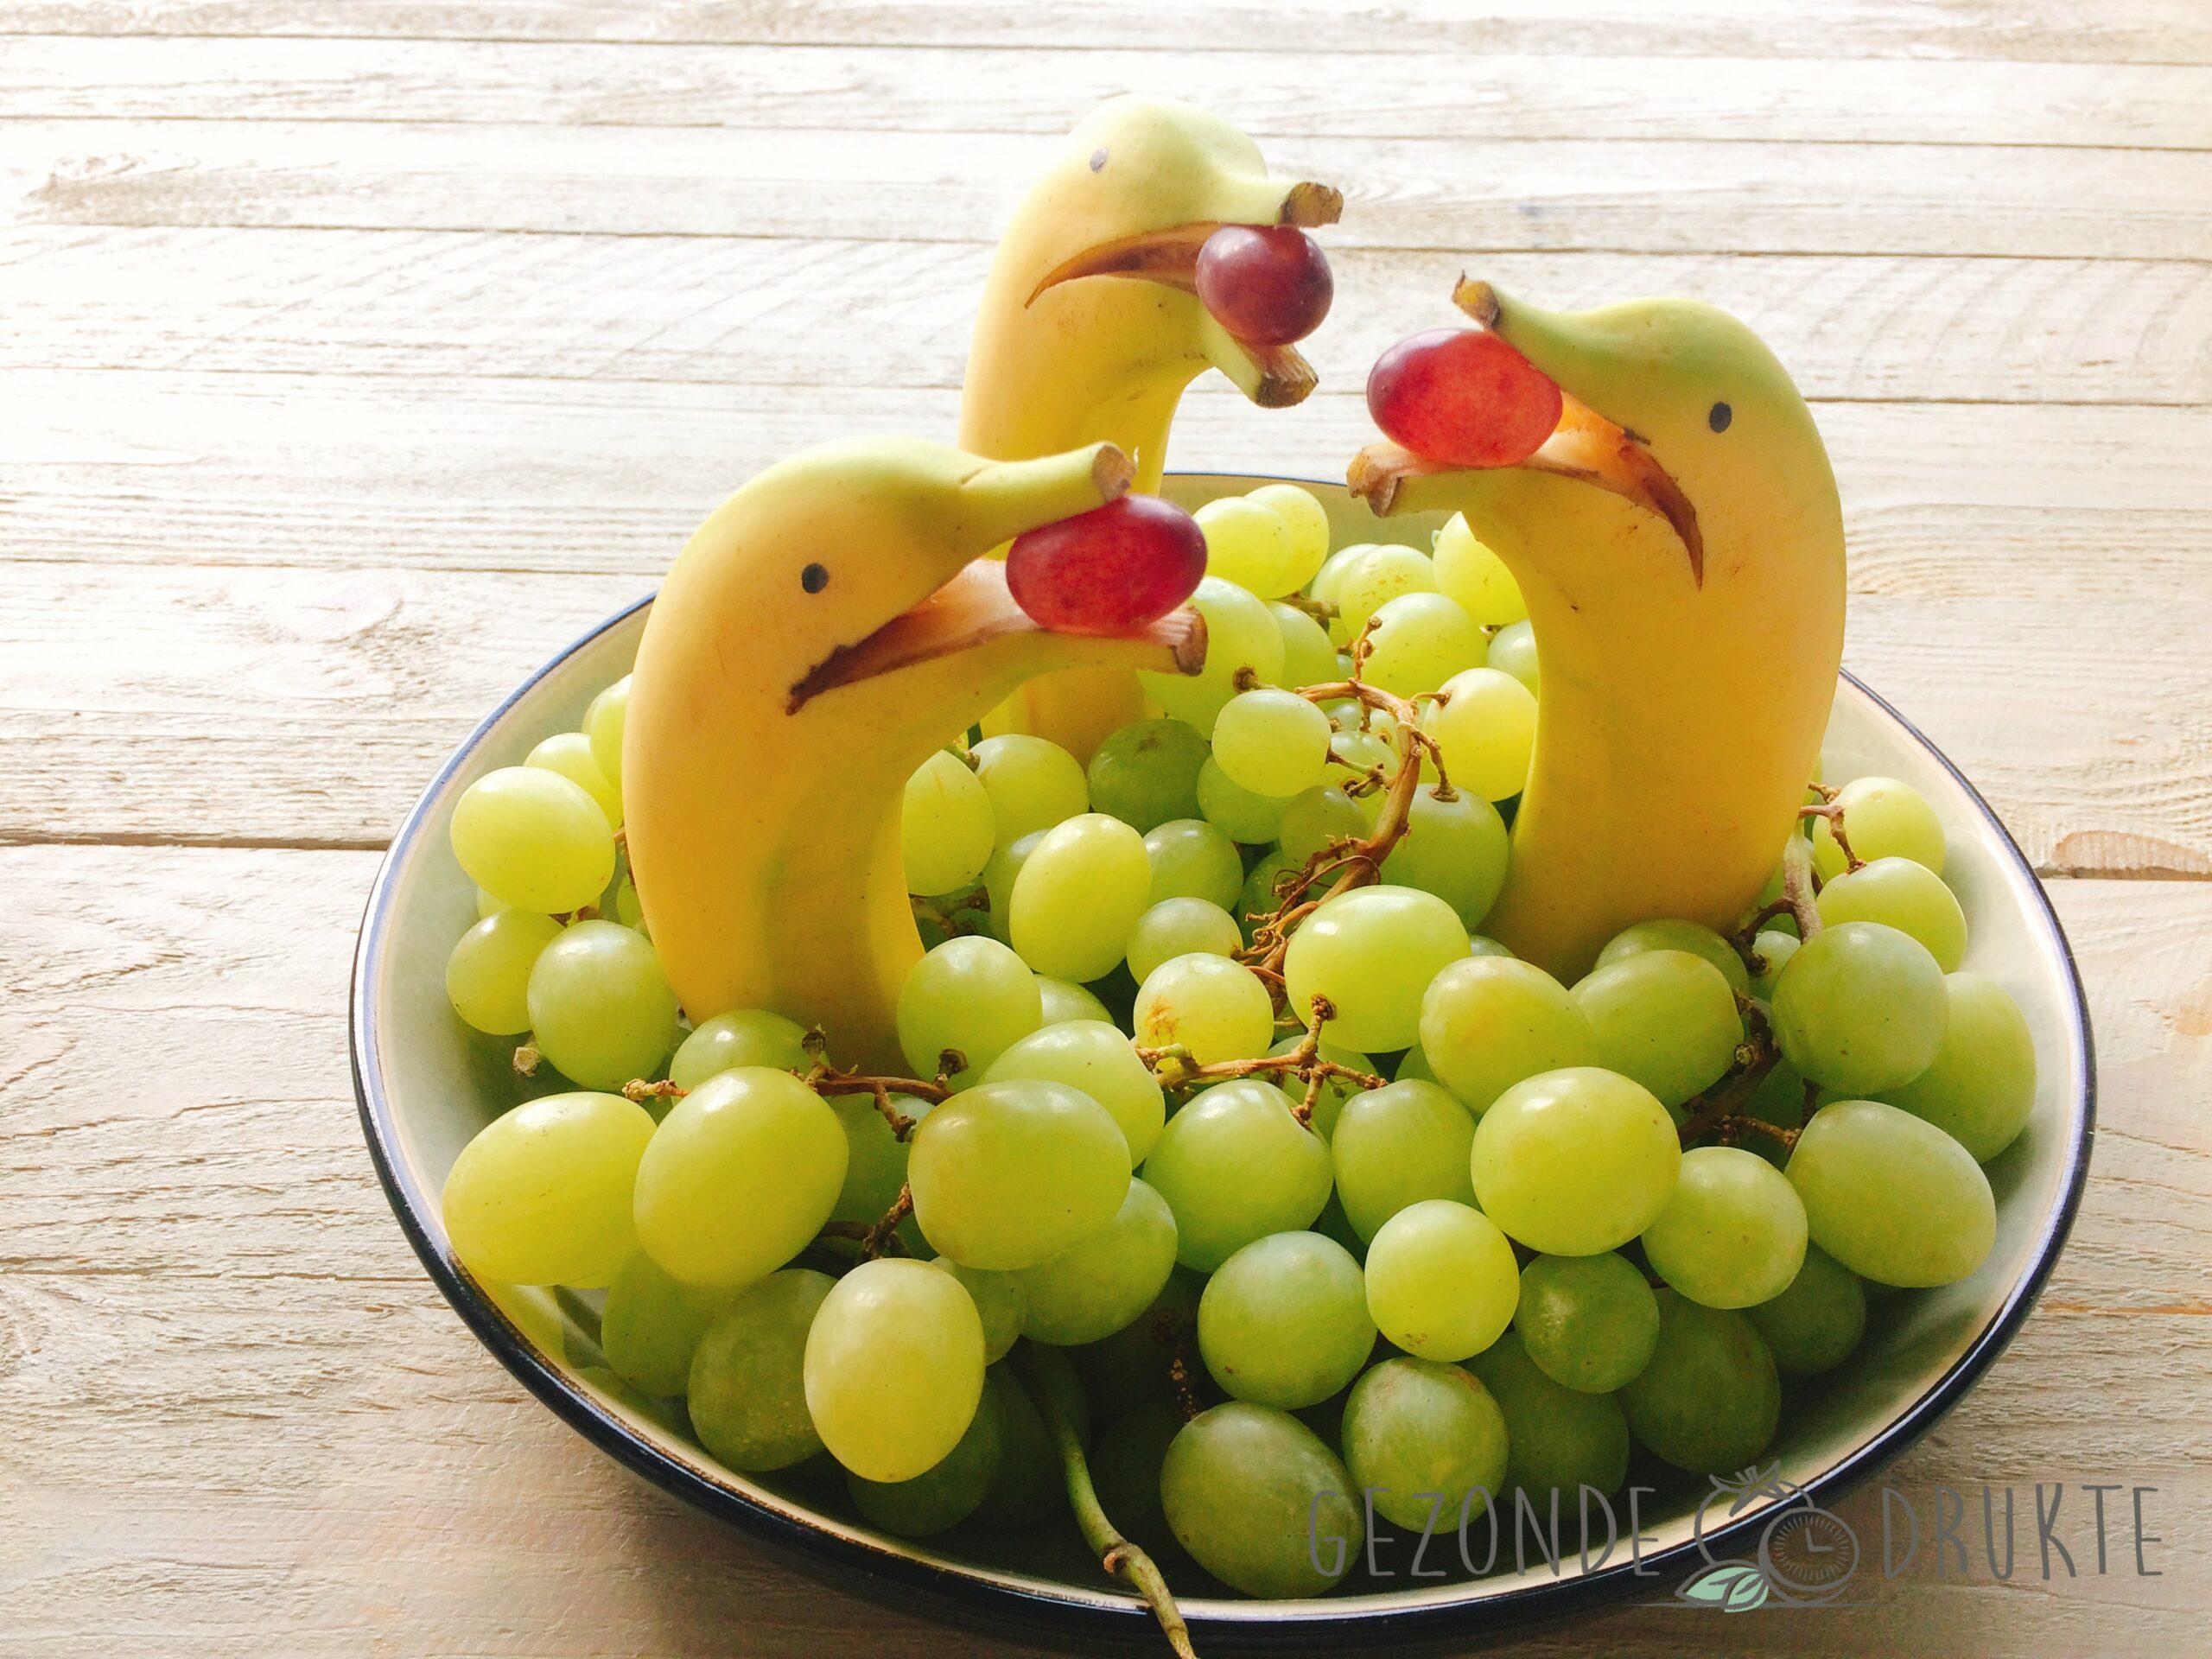 Dolfijnen in een zee van druiven